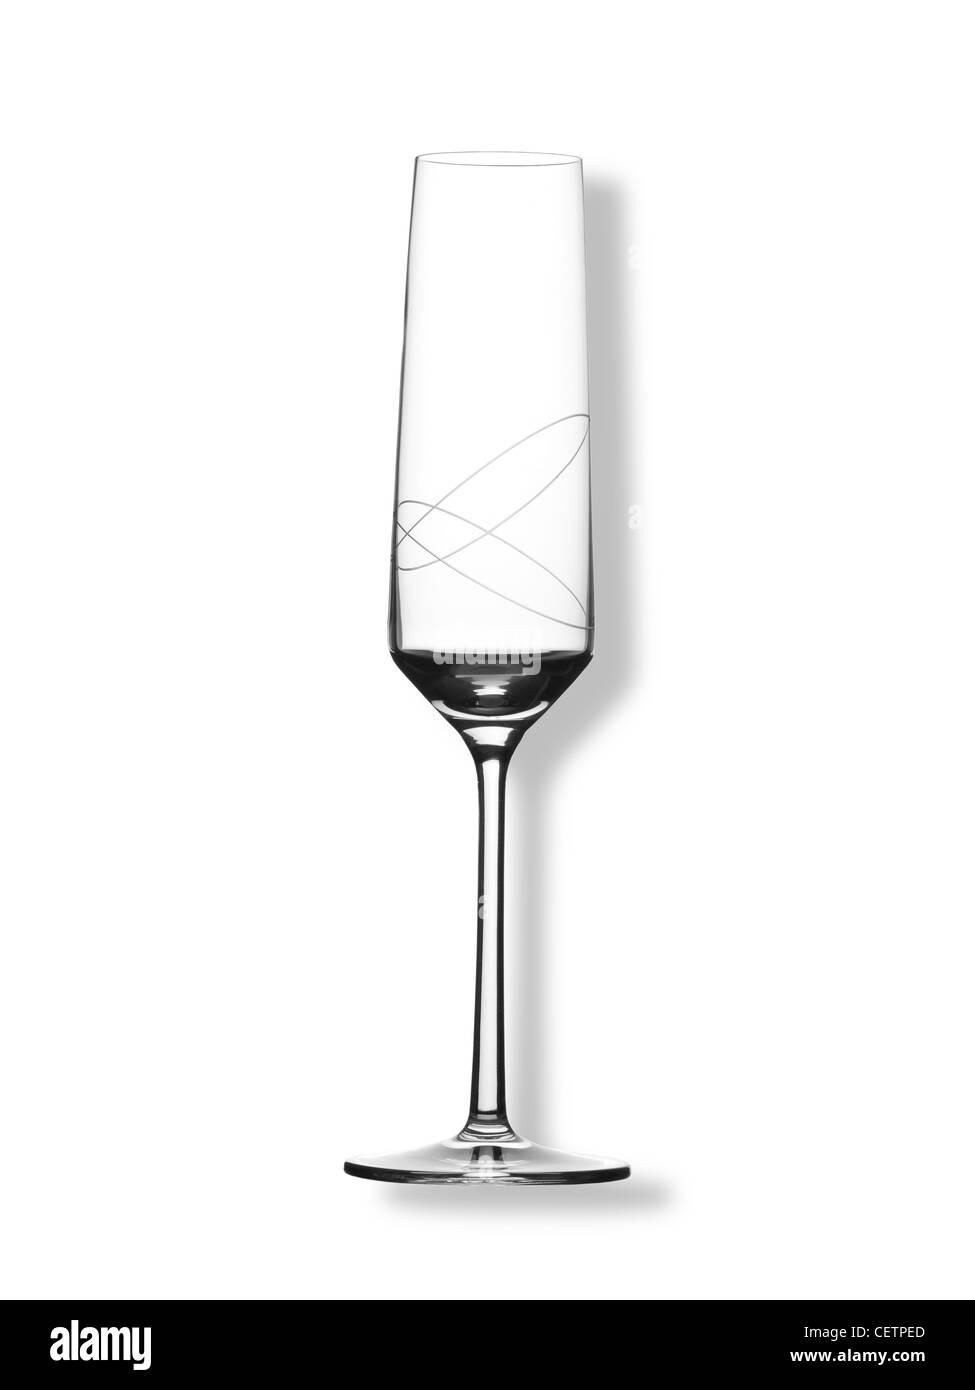 Ein Stillleben Schuss eine geätzte Kristall Wein oder Champagner Glas (jede Farbe Hintergrund auf Anfrage erhältlich) Stockbild